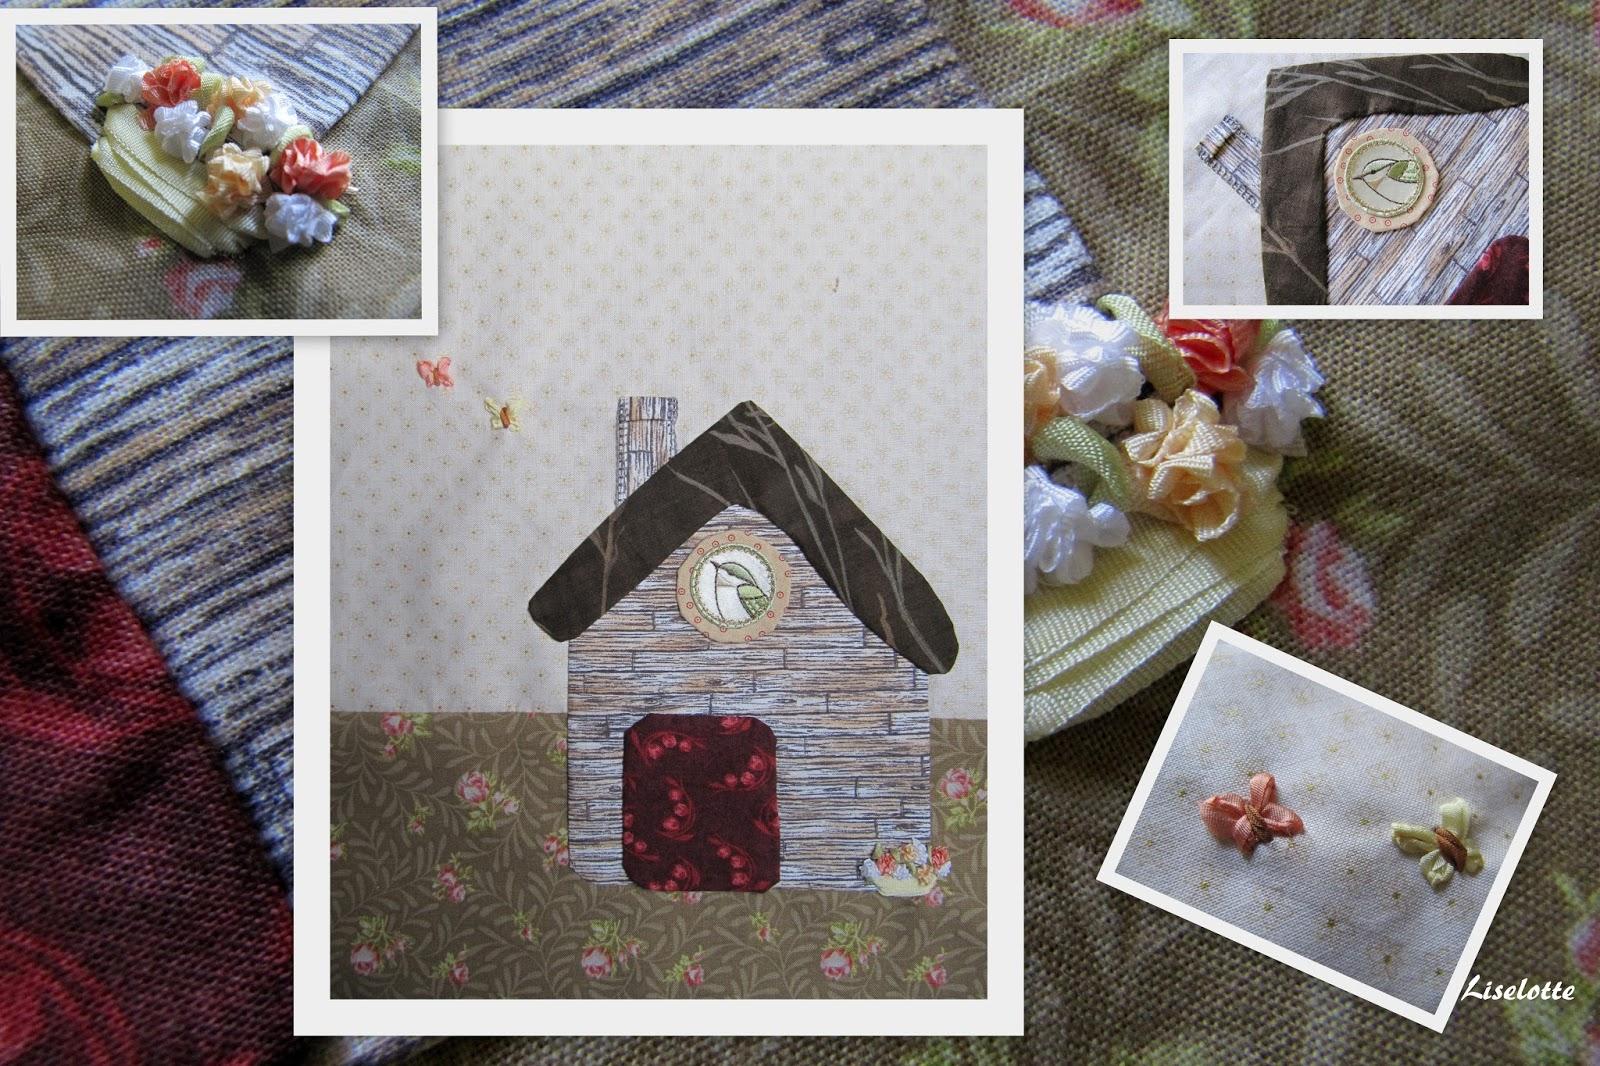 Les arts vie quilt myst re chez les dingottes - Le petit jardin quilt pattern calais ...